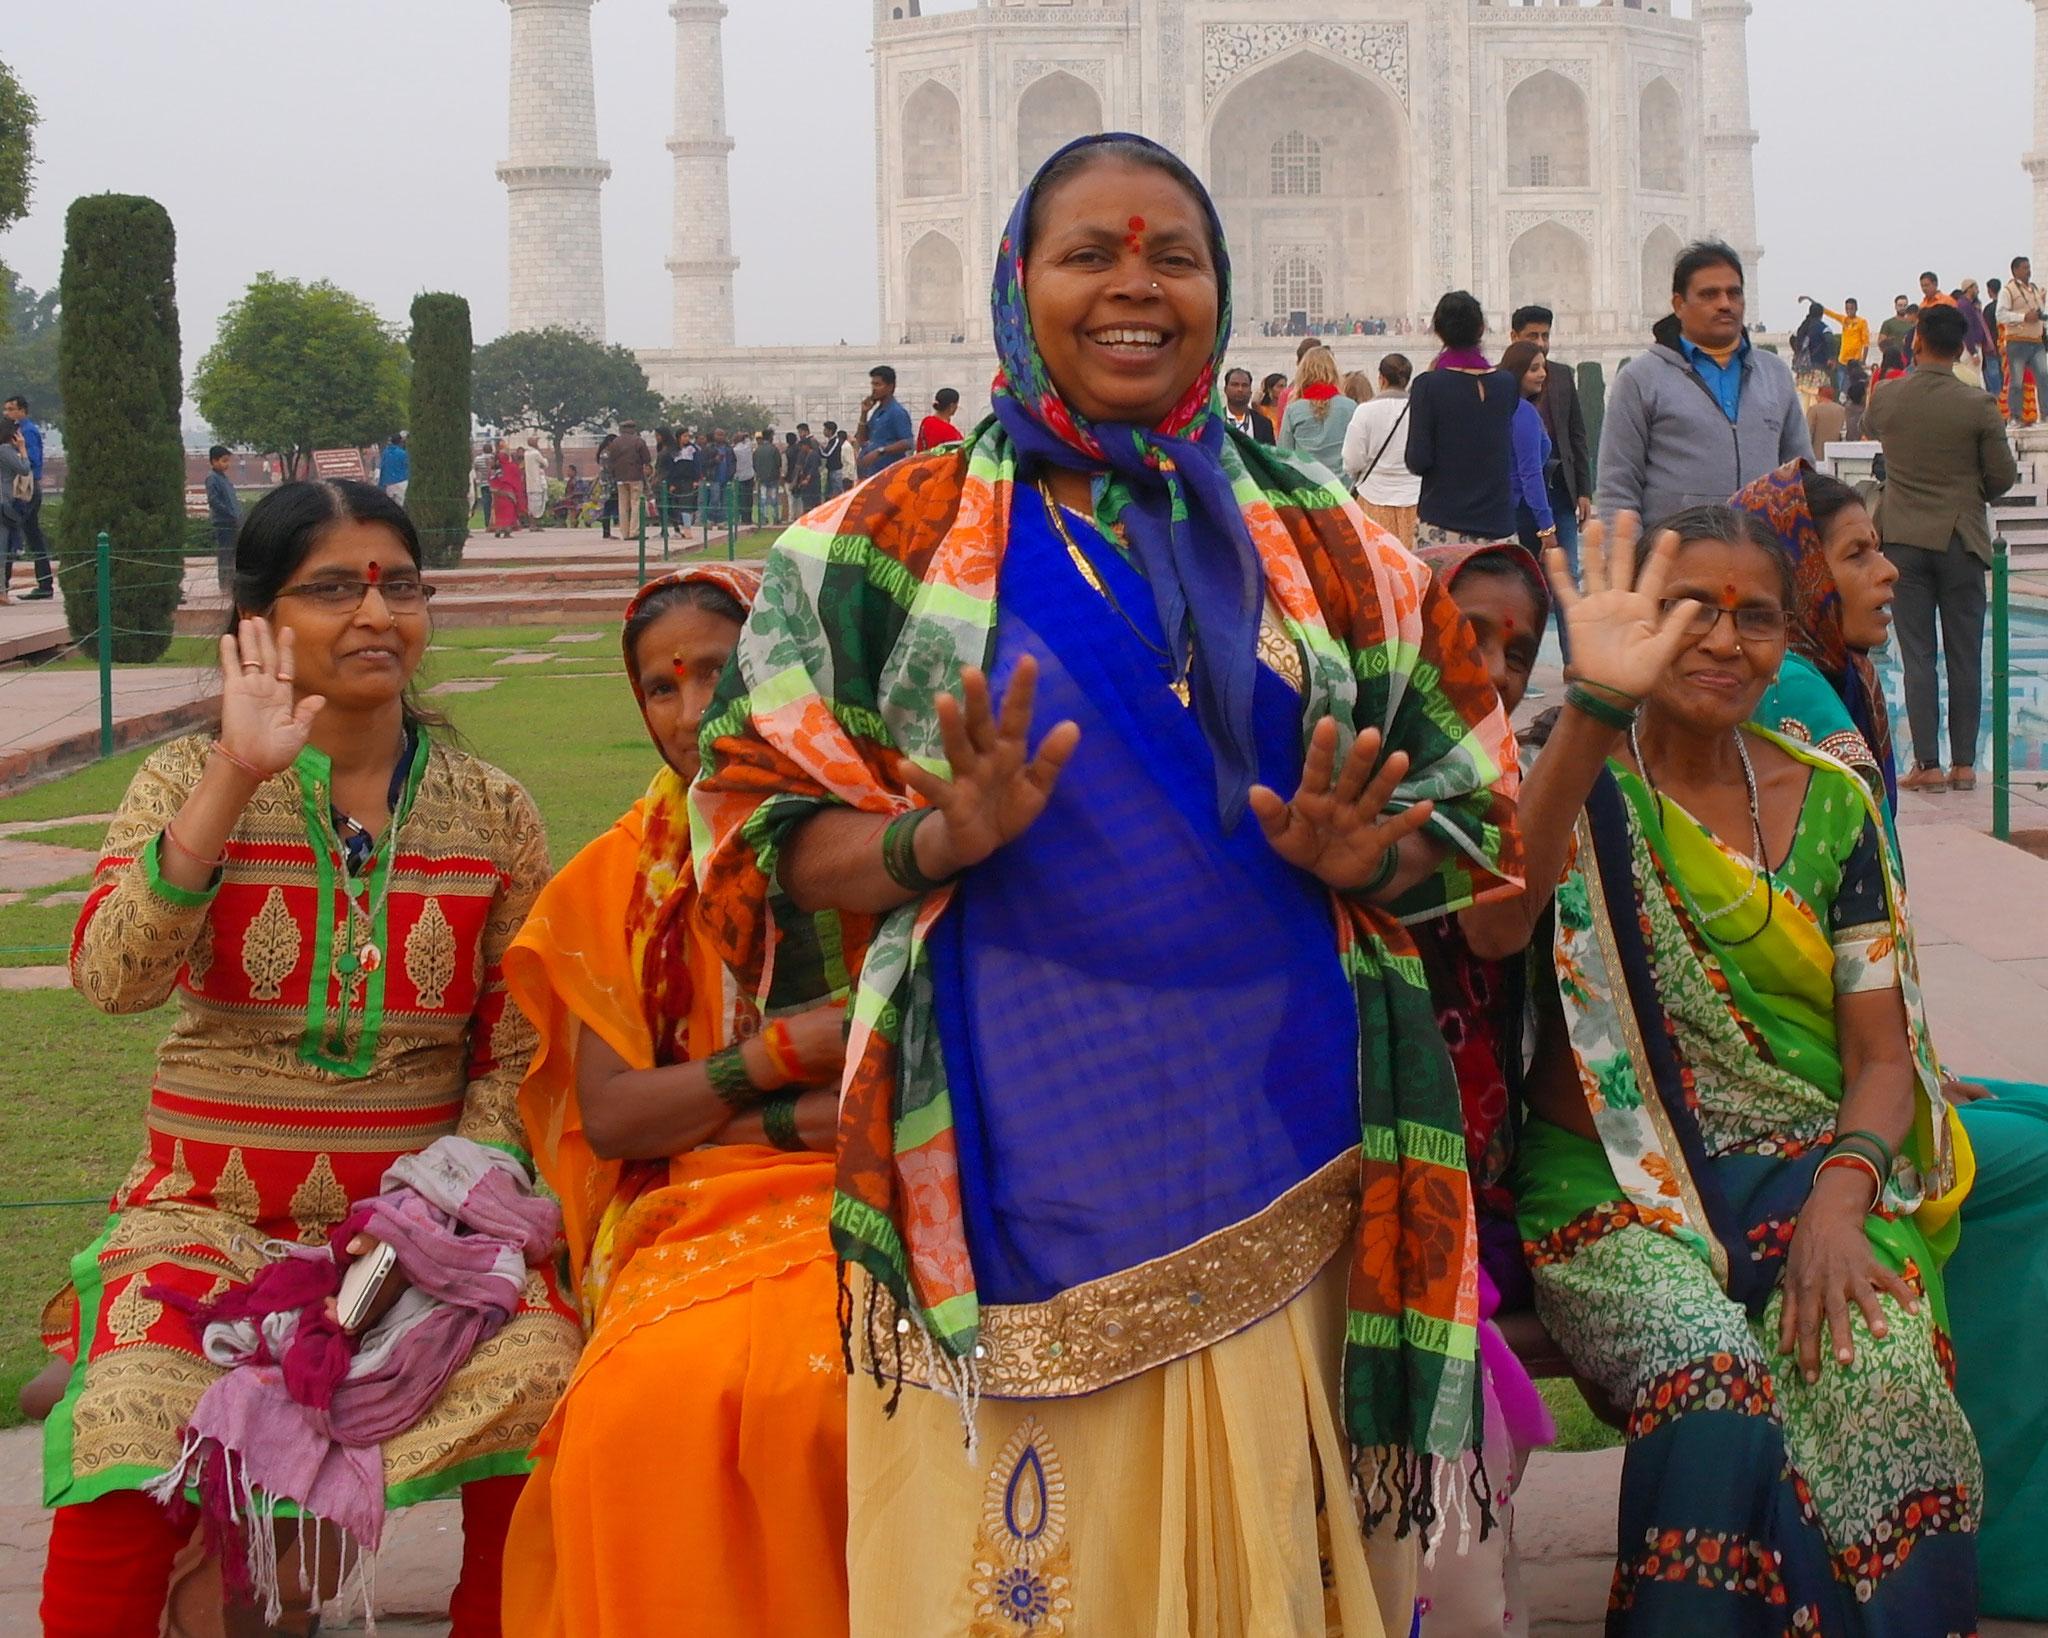 Die Herzlichkeit der Menschen in Indien beeindruckte.